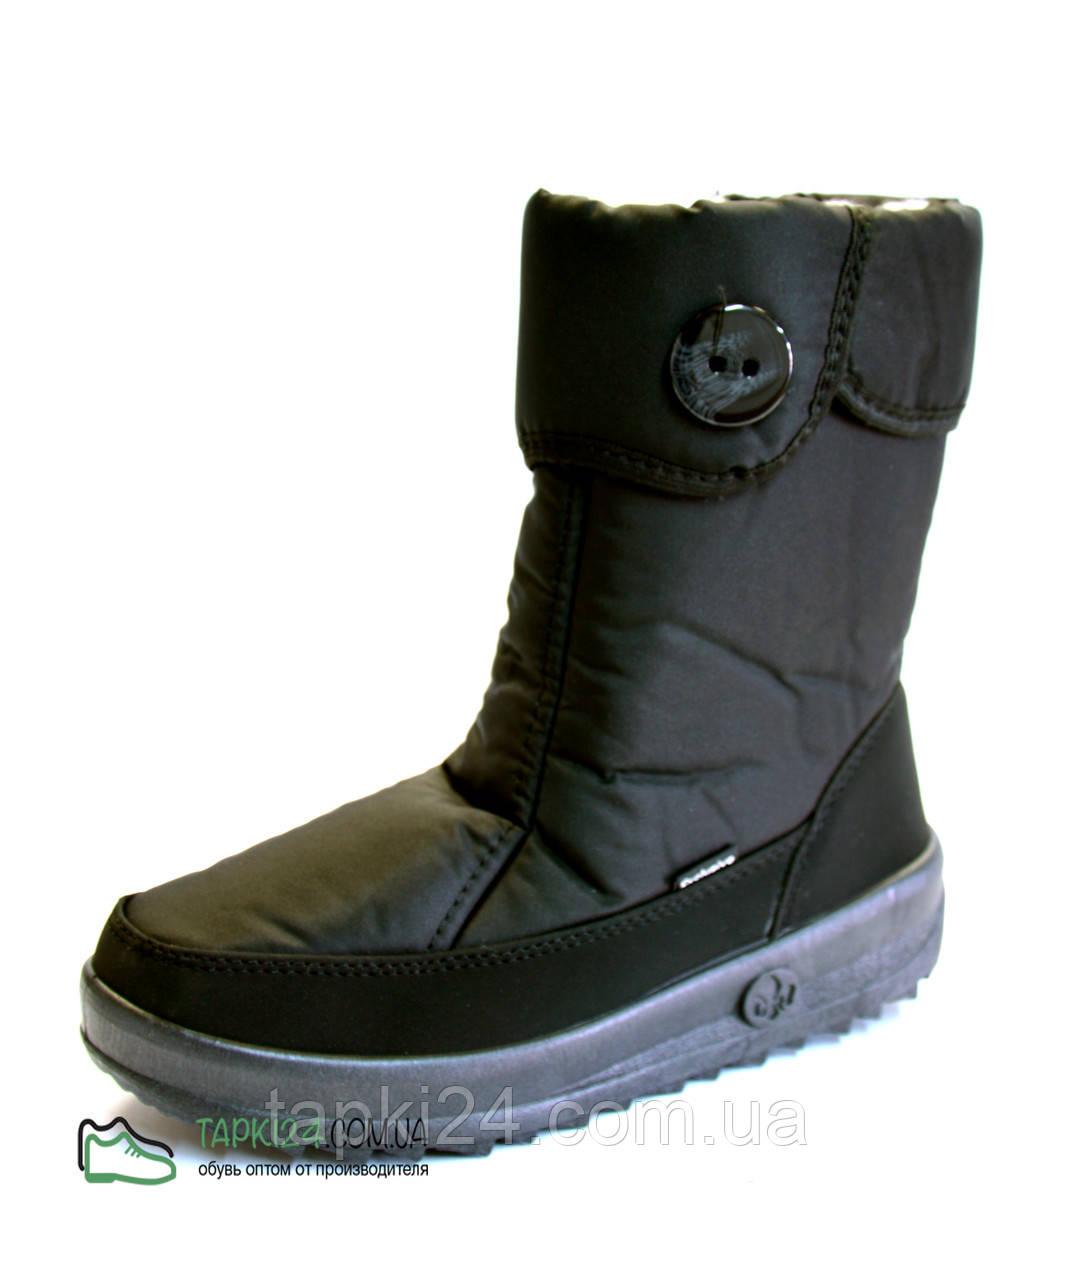 6a9b2c031 Сапоги женские зимние оптом 702-1 - Обувь оптом от производителя tapki24 в  Хмельницком